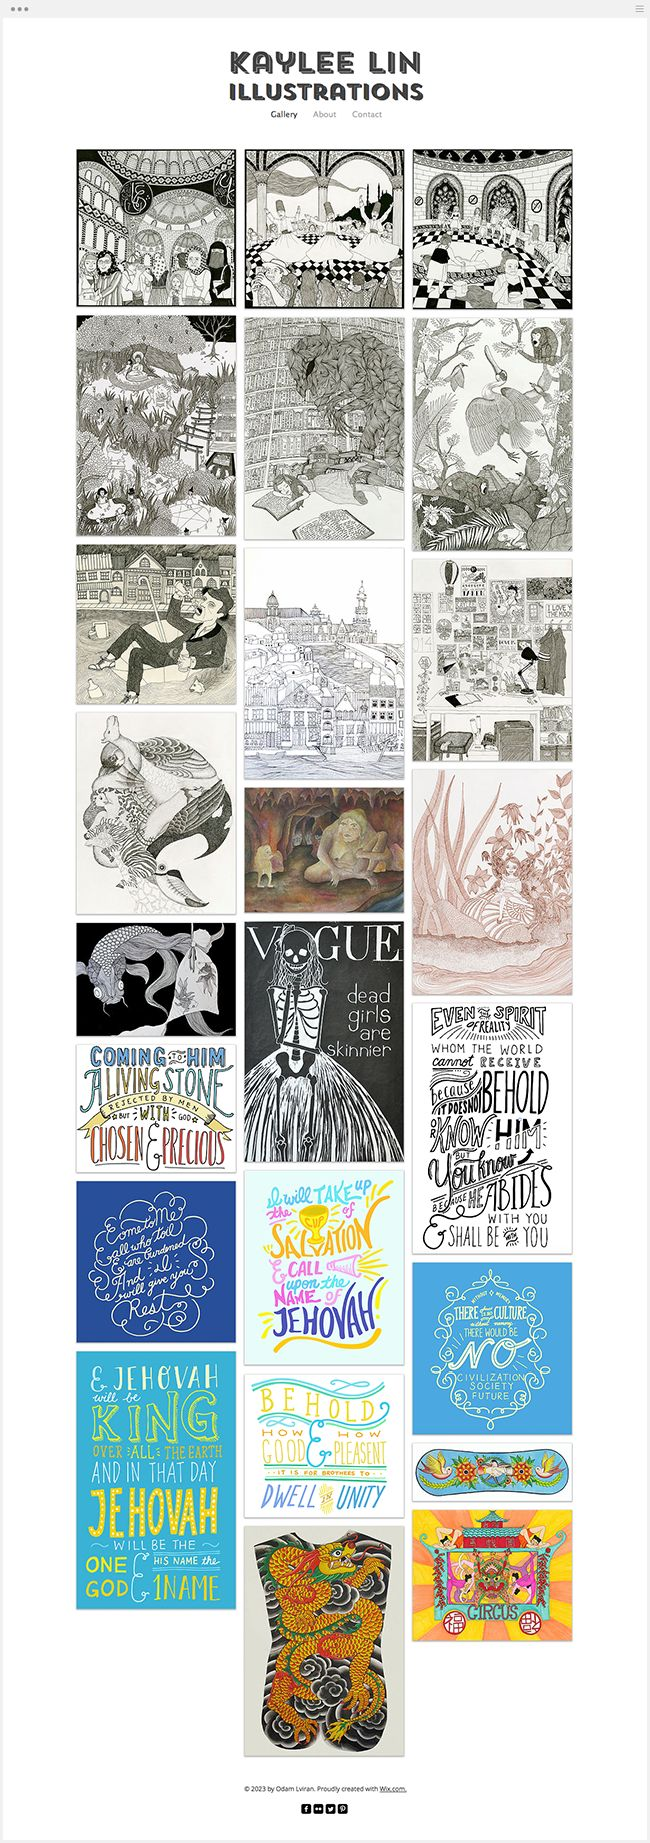 Kaylee lin Illustrations